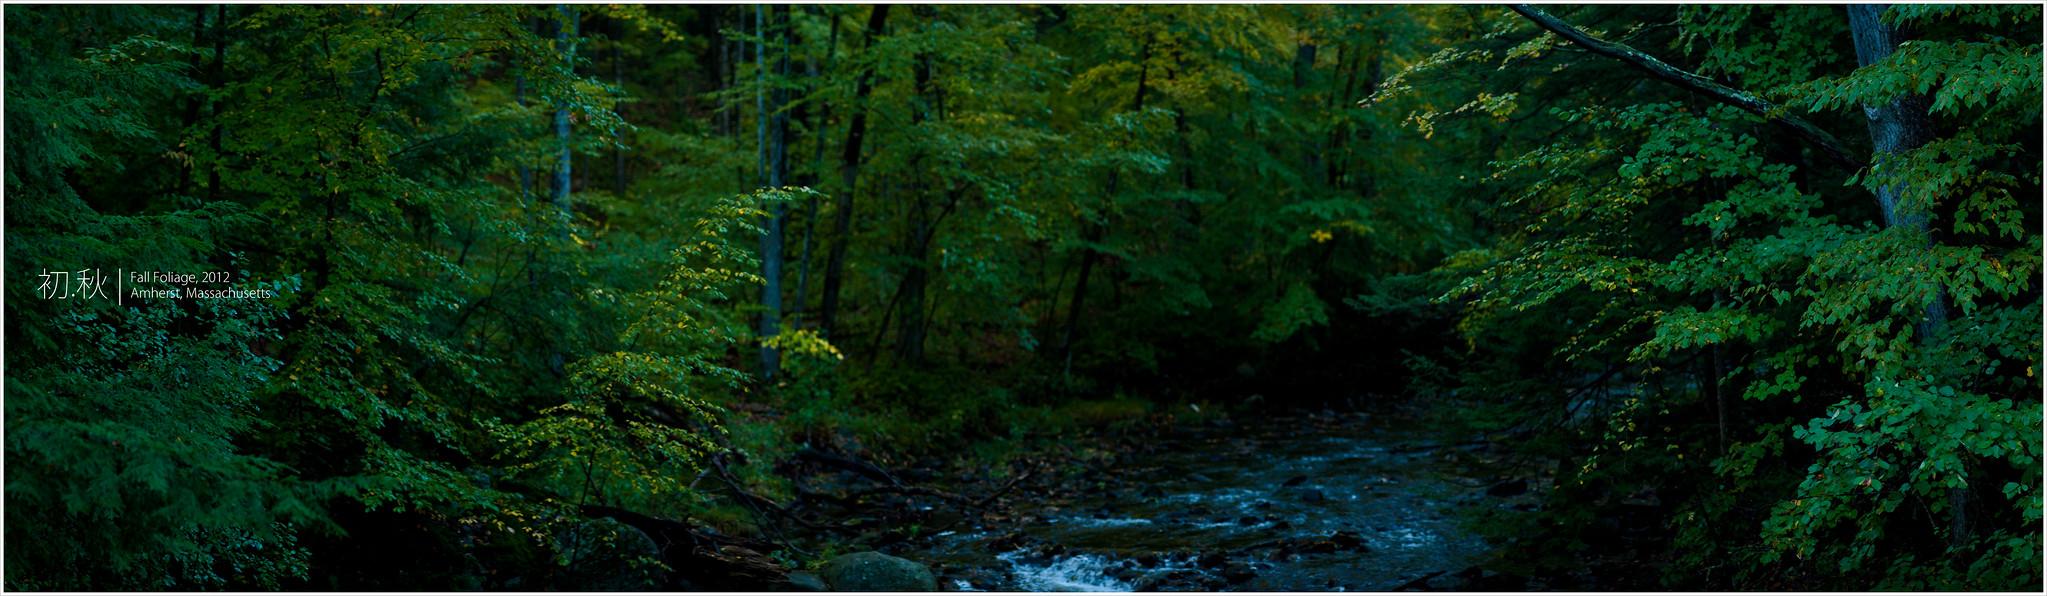 尋找秋天的痕跡